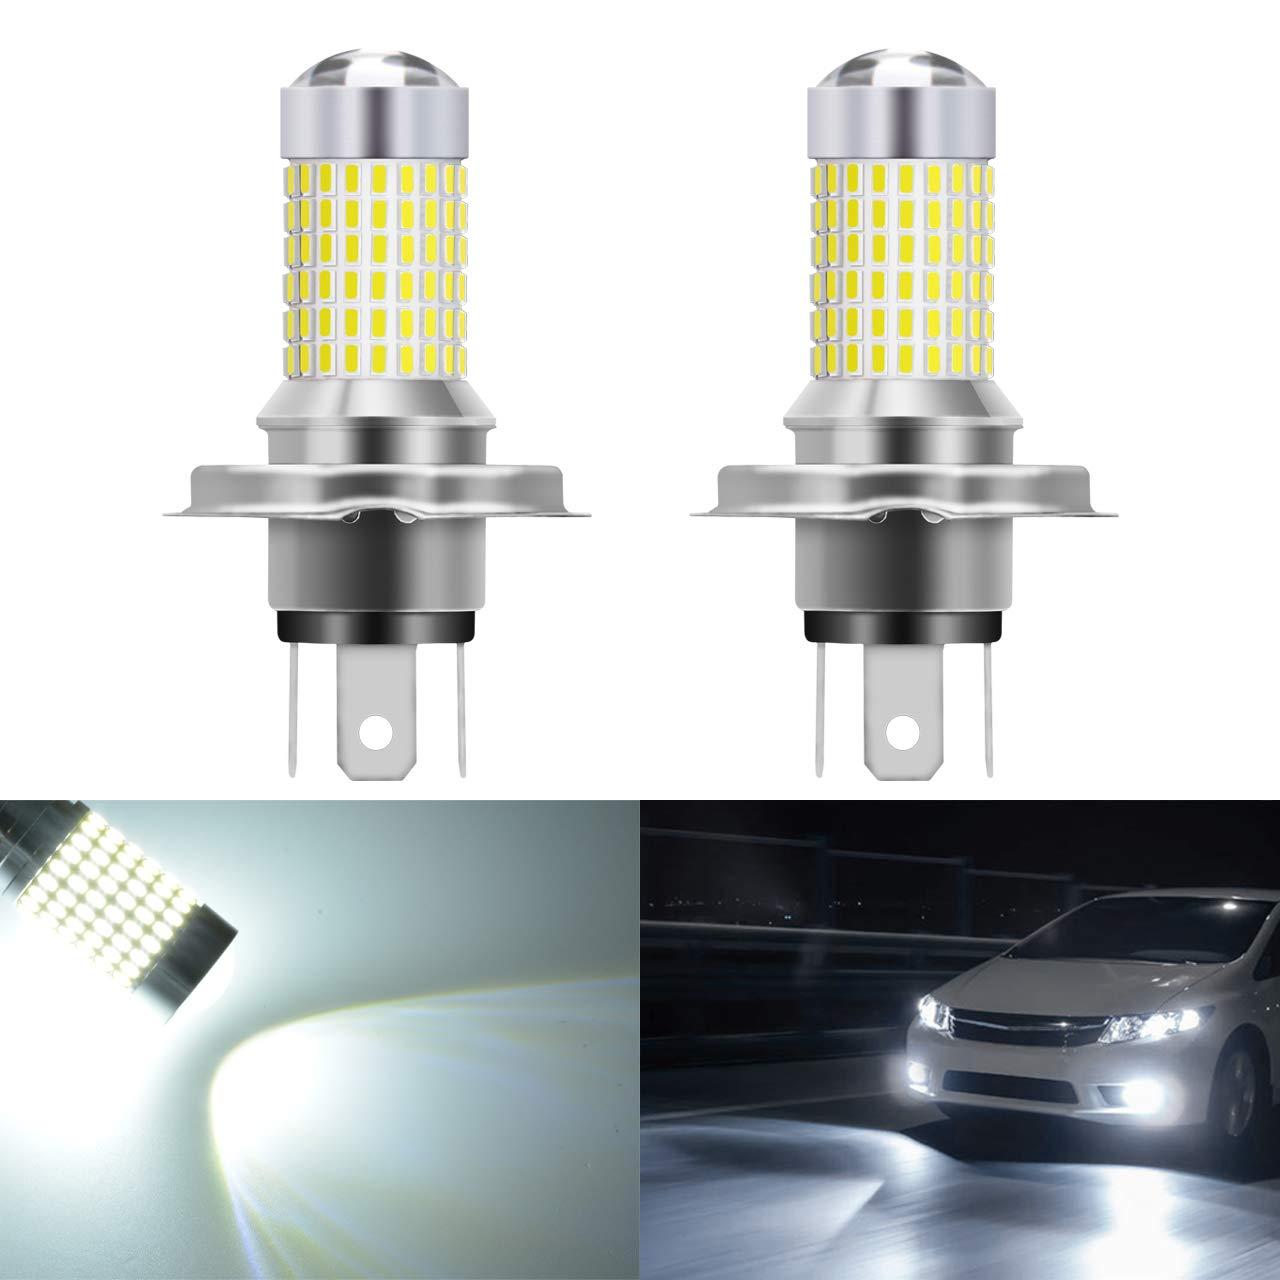 KaTur Ampoules extrê mement lumineuses 1 500 lumens 3014 144SMD 9005 HB3 H10 9145 9140 pour feux de Brouillard, clignotants, feux diurnes, 12 V-24 V, couleur blanche 6 000 K (lot de 2)